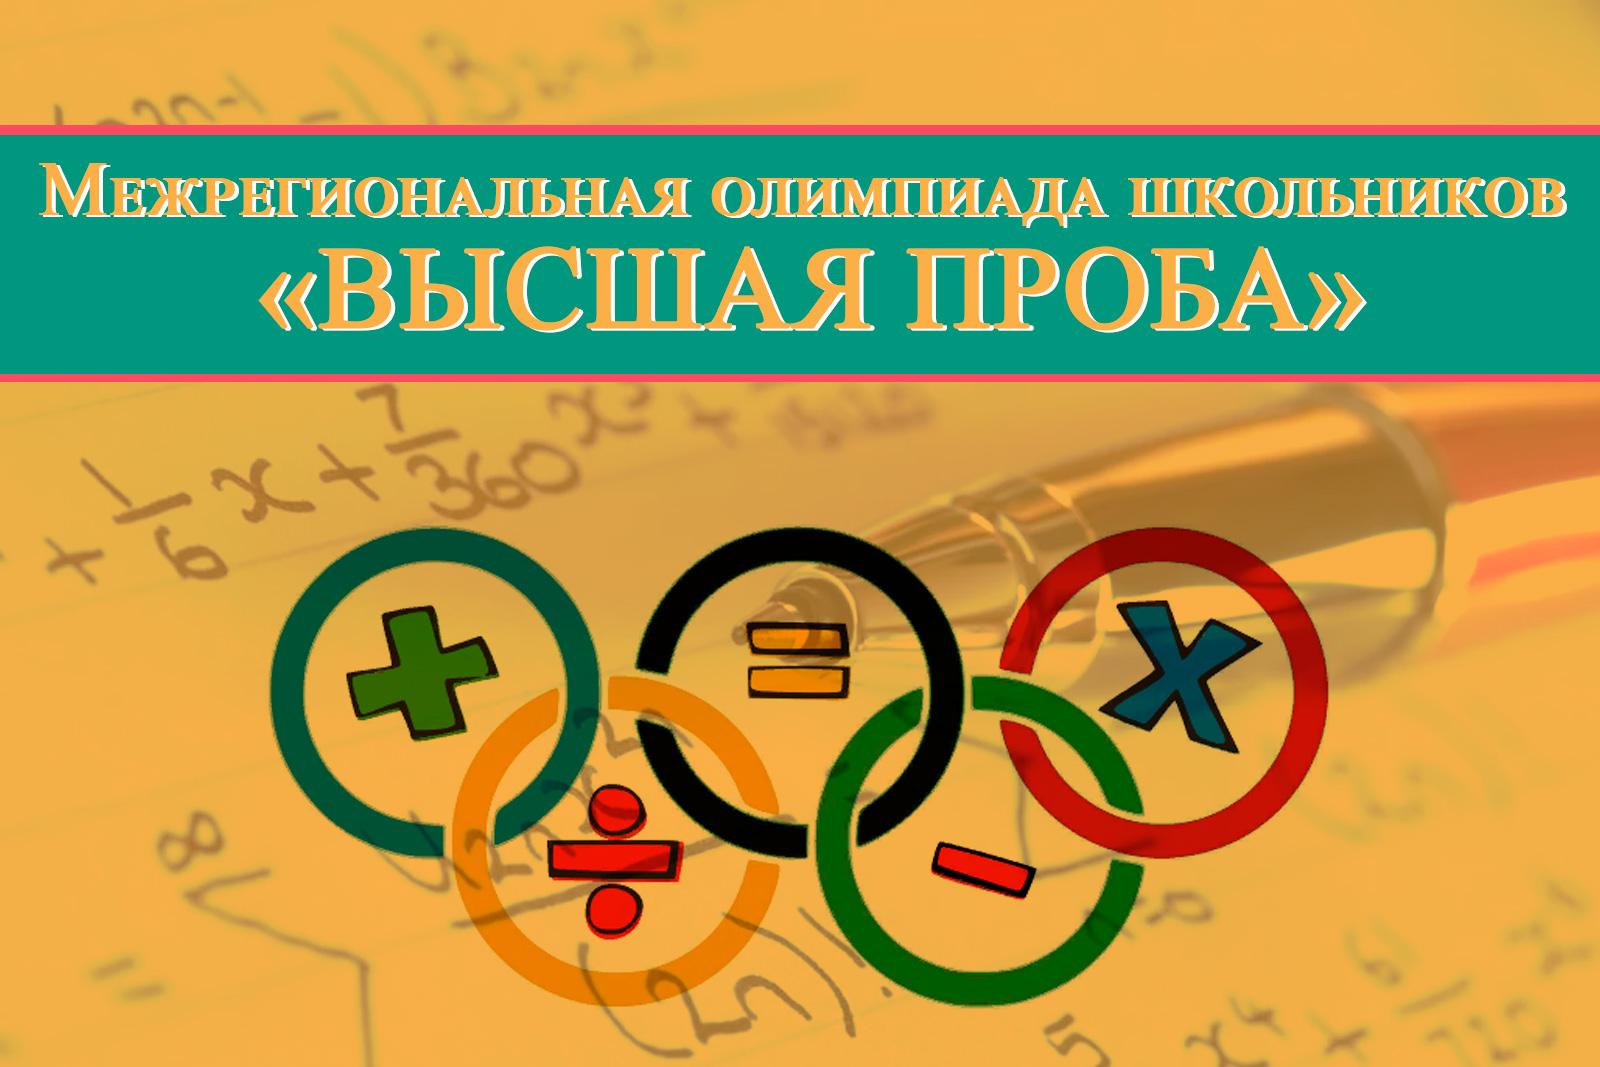 Межрегиональная олимпиада школьников «Высшая проба»